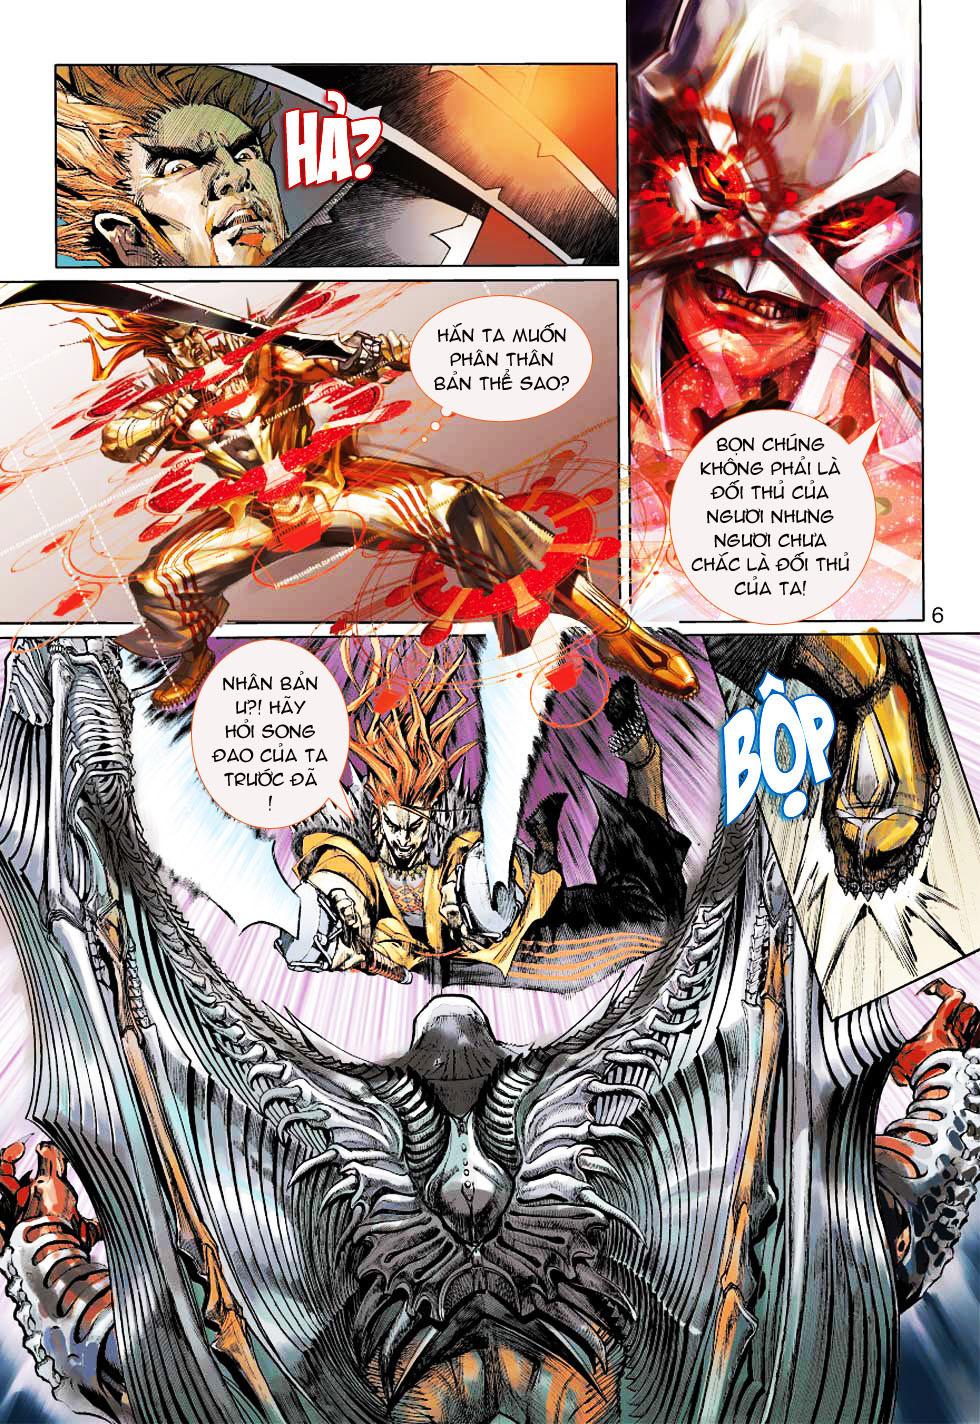 Thần Binh 4 chap 1 - Trang 6